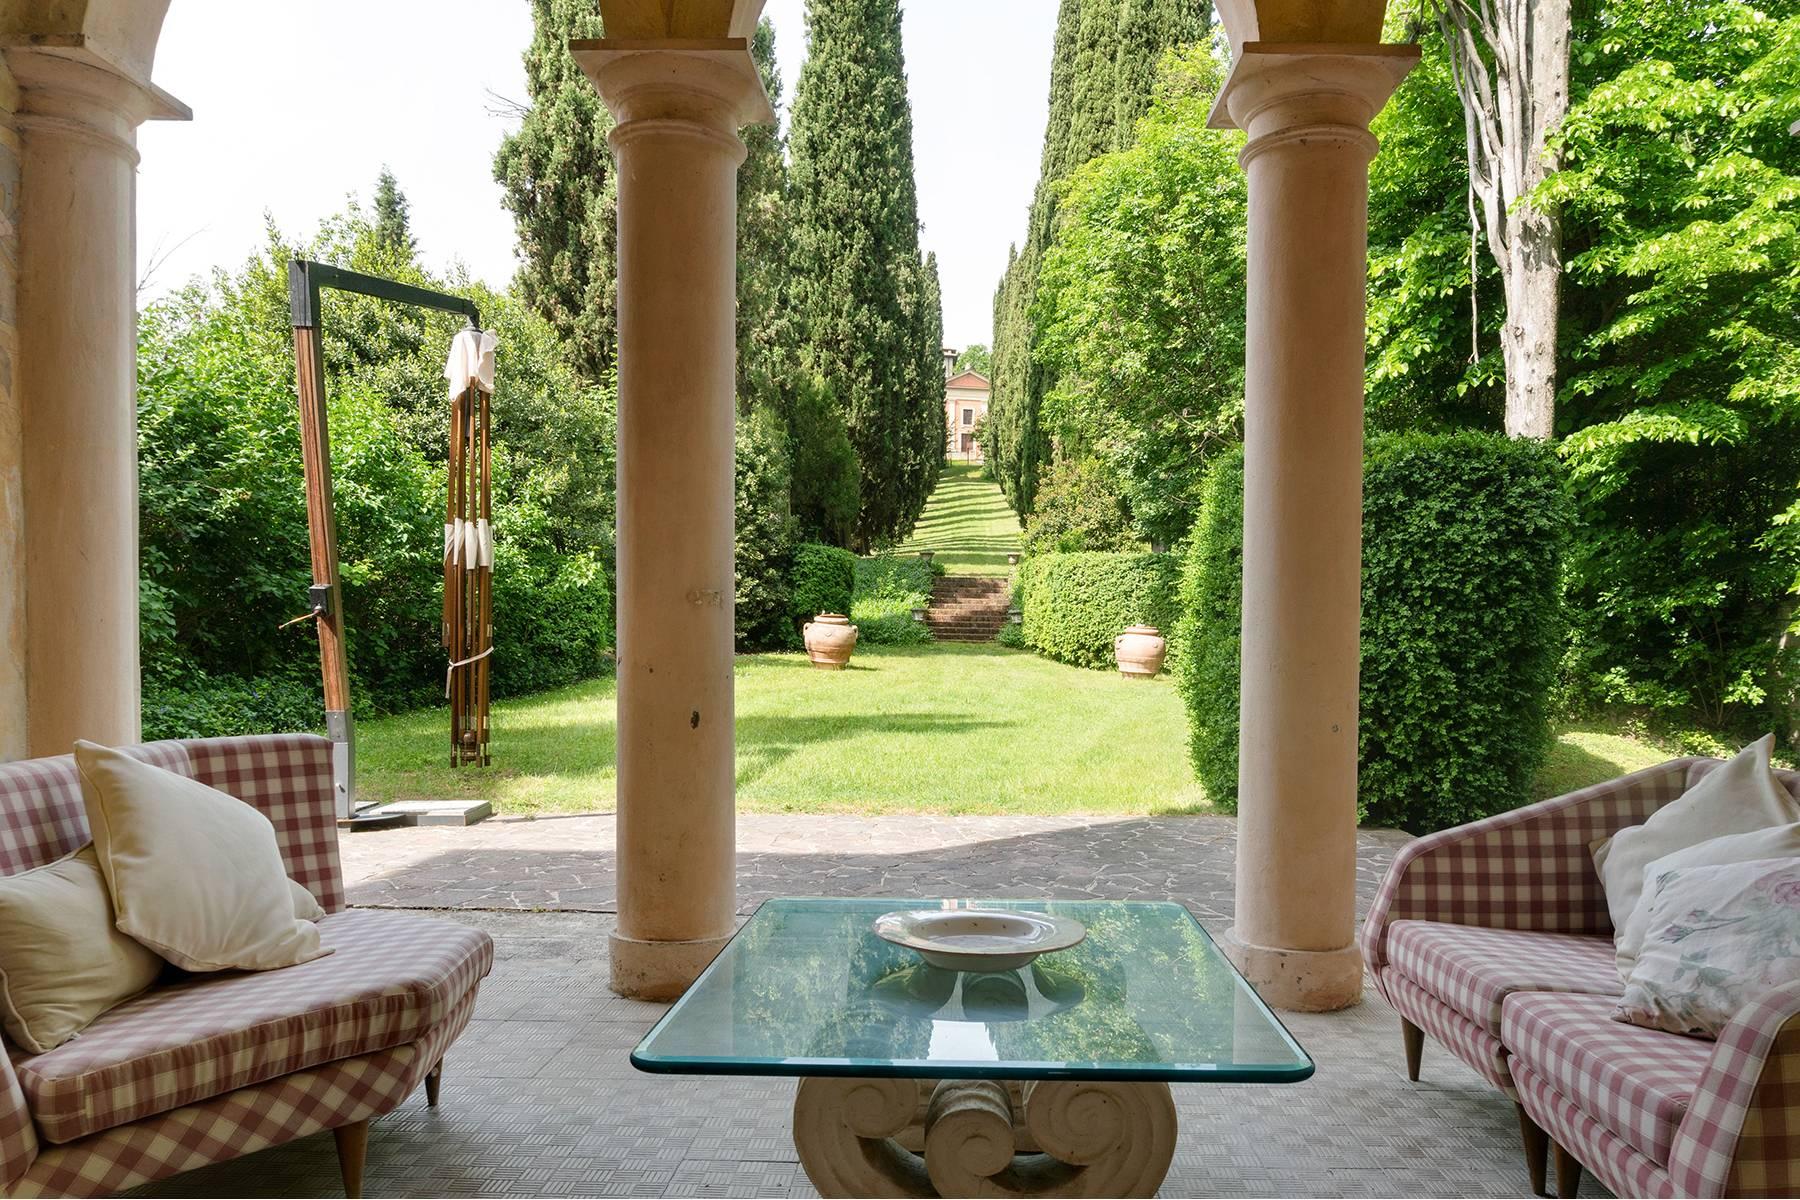 Villa in Vendita a Fiorano Modenese: 5 locali, 470 mq - Foto 16